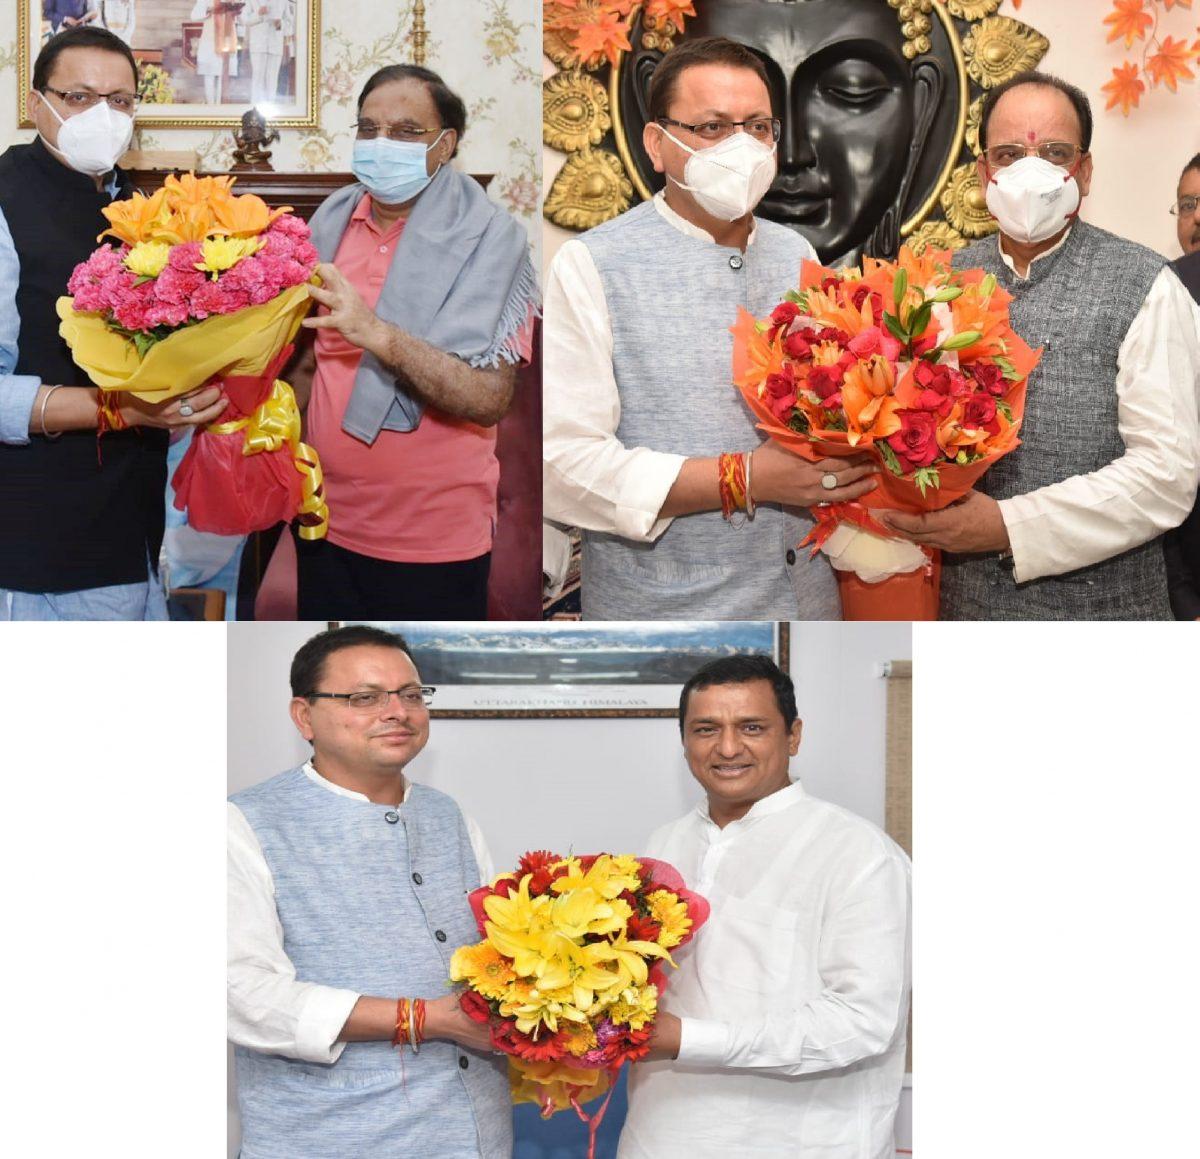 मुख्यमंत्री ने नई दिल्ली में अनिल बलूनी, अजय भट्ट और रमेश पोखरियाल निशंक से की मुलाकात